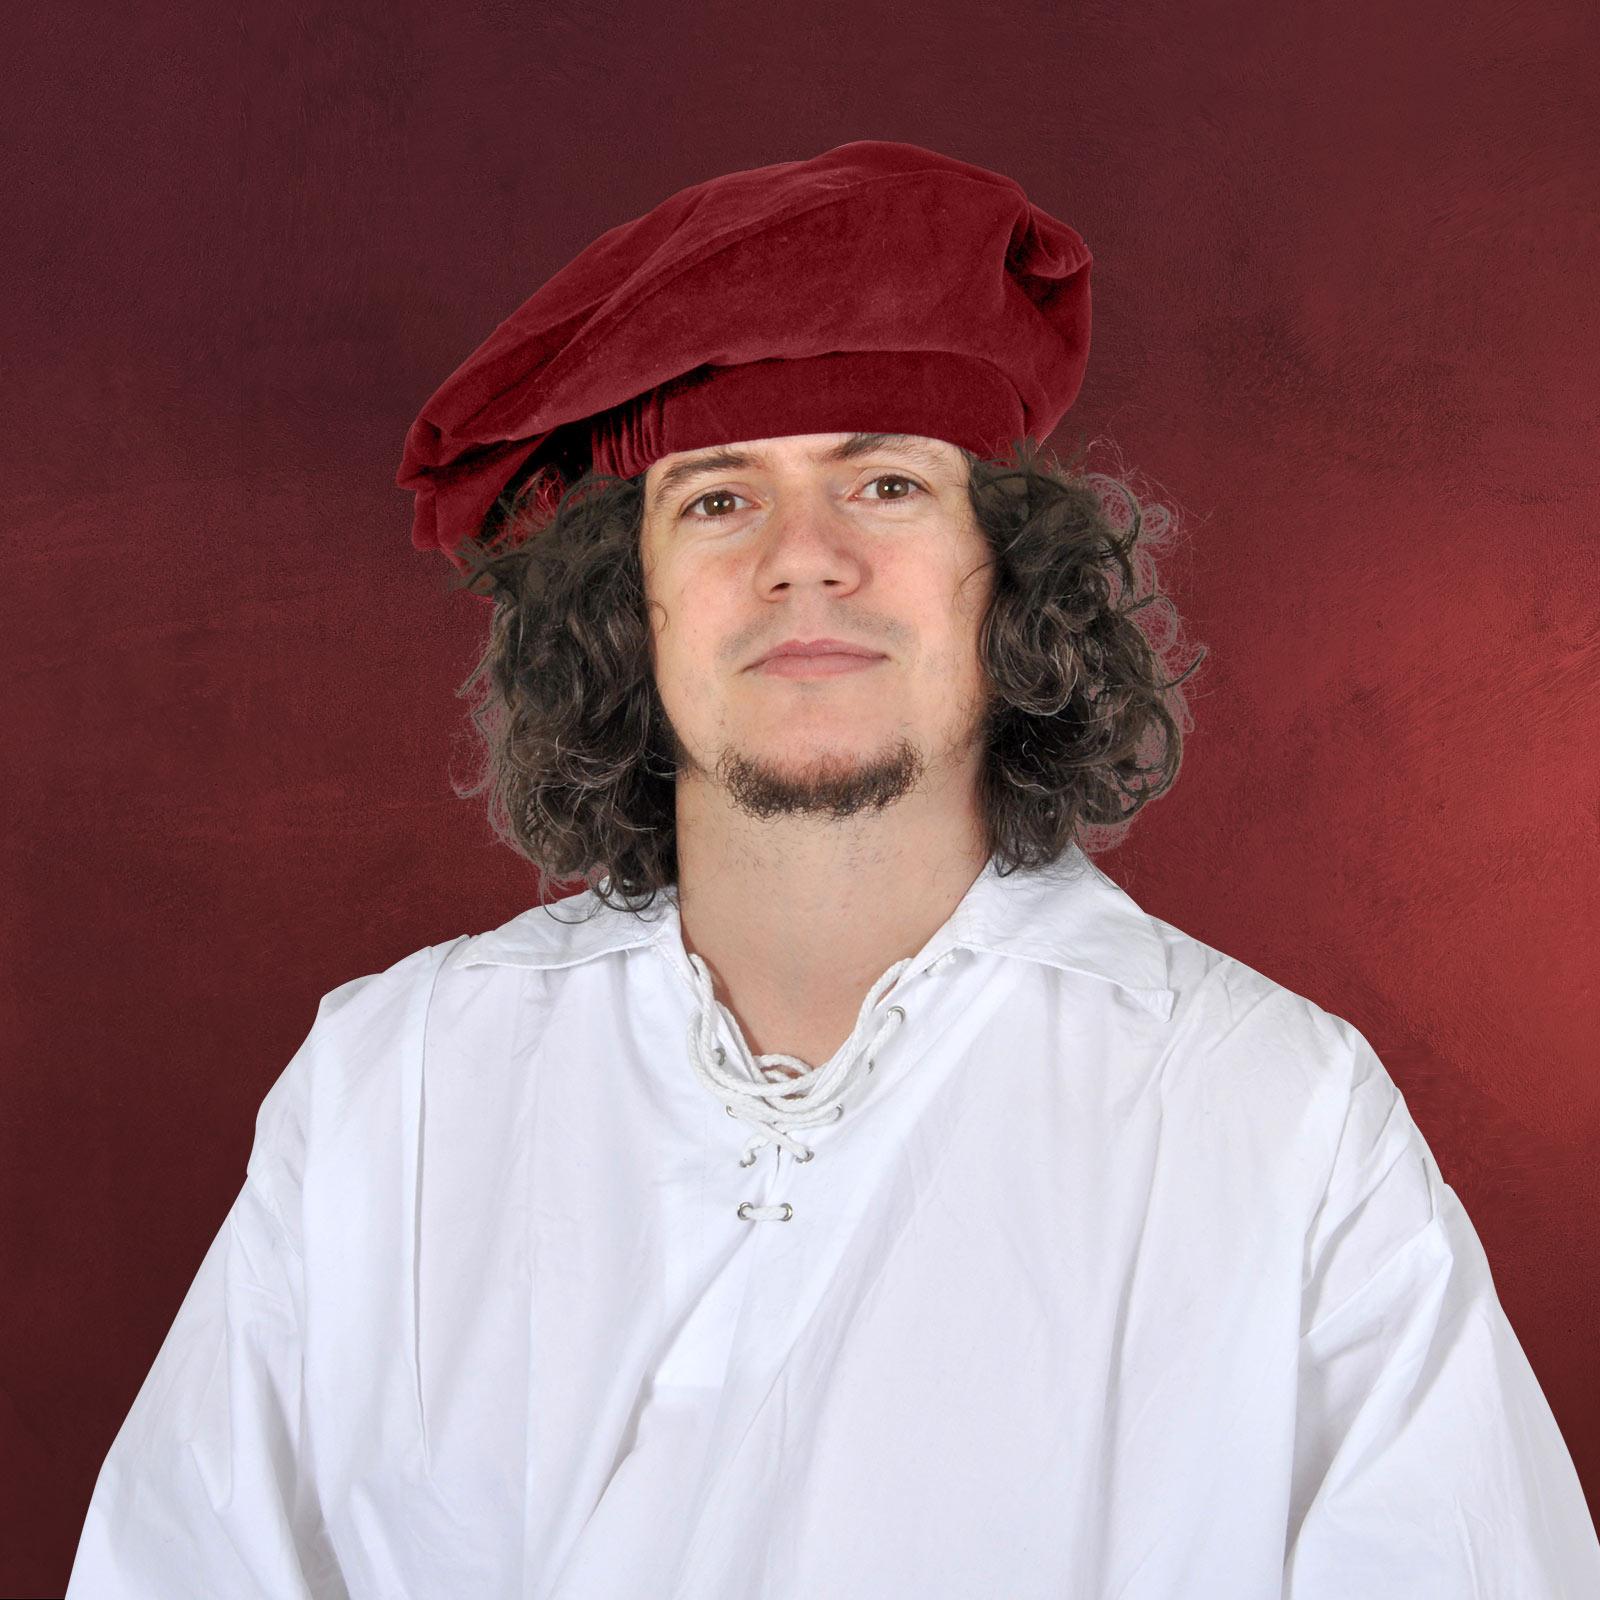 Mittelalterliche kopfbedeckung - angebote auf Waterige